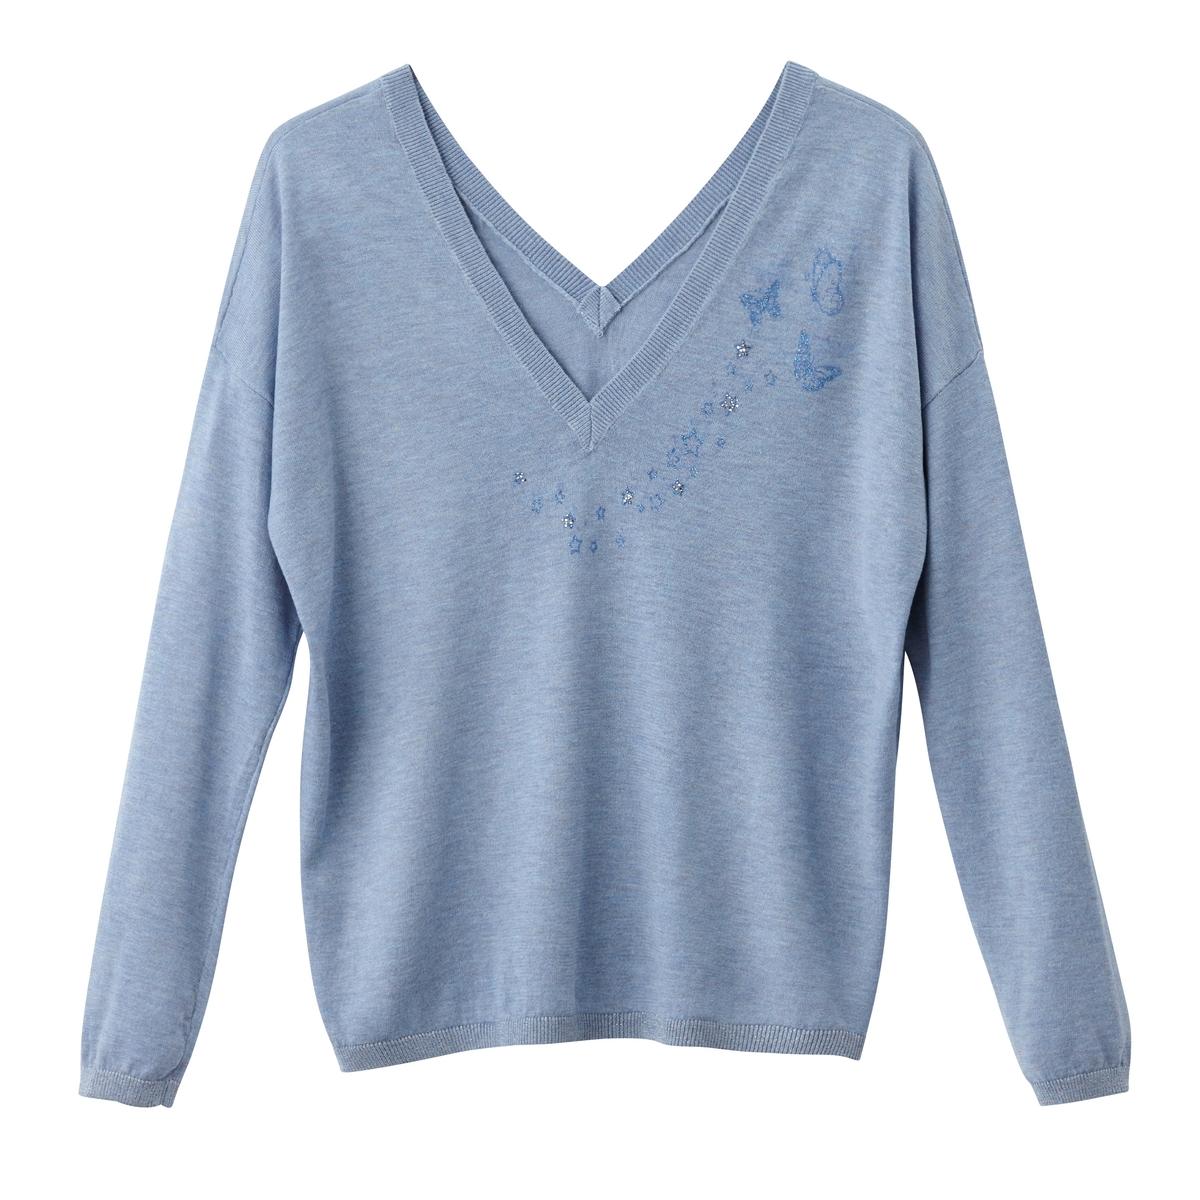 Пуловер из тонкого трикотажа с разрезом на круглом вырезеОписание:Детали •  Длинные рукава •  Круглый вырез с разрезом •  Тонкий трикотаж Состав и уход •  15% шерсти, 22% ацетата, 28% полиамида, 35% полиэстера •  Следуйте советам по уходу, указанным на этикетке<br><br>Цвет: синий